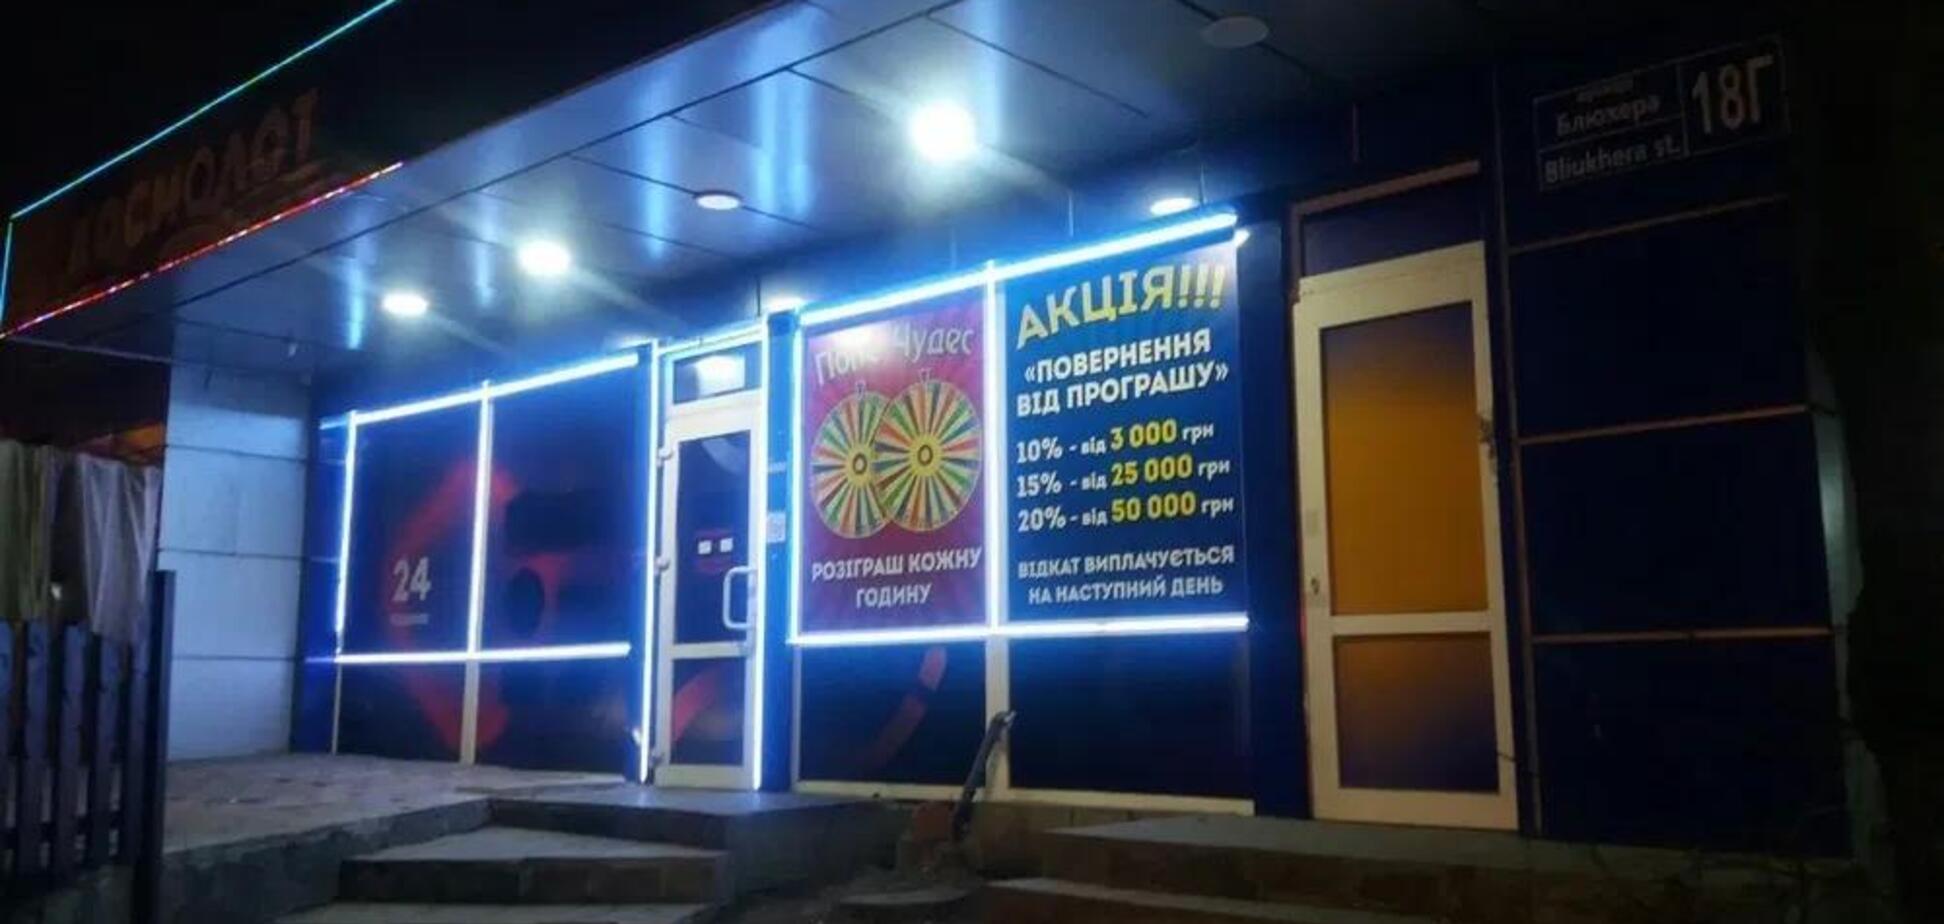 Облава на игровой бизнес: в Украине выставили на продажу первый зал автоматов